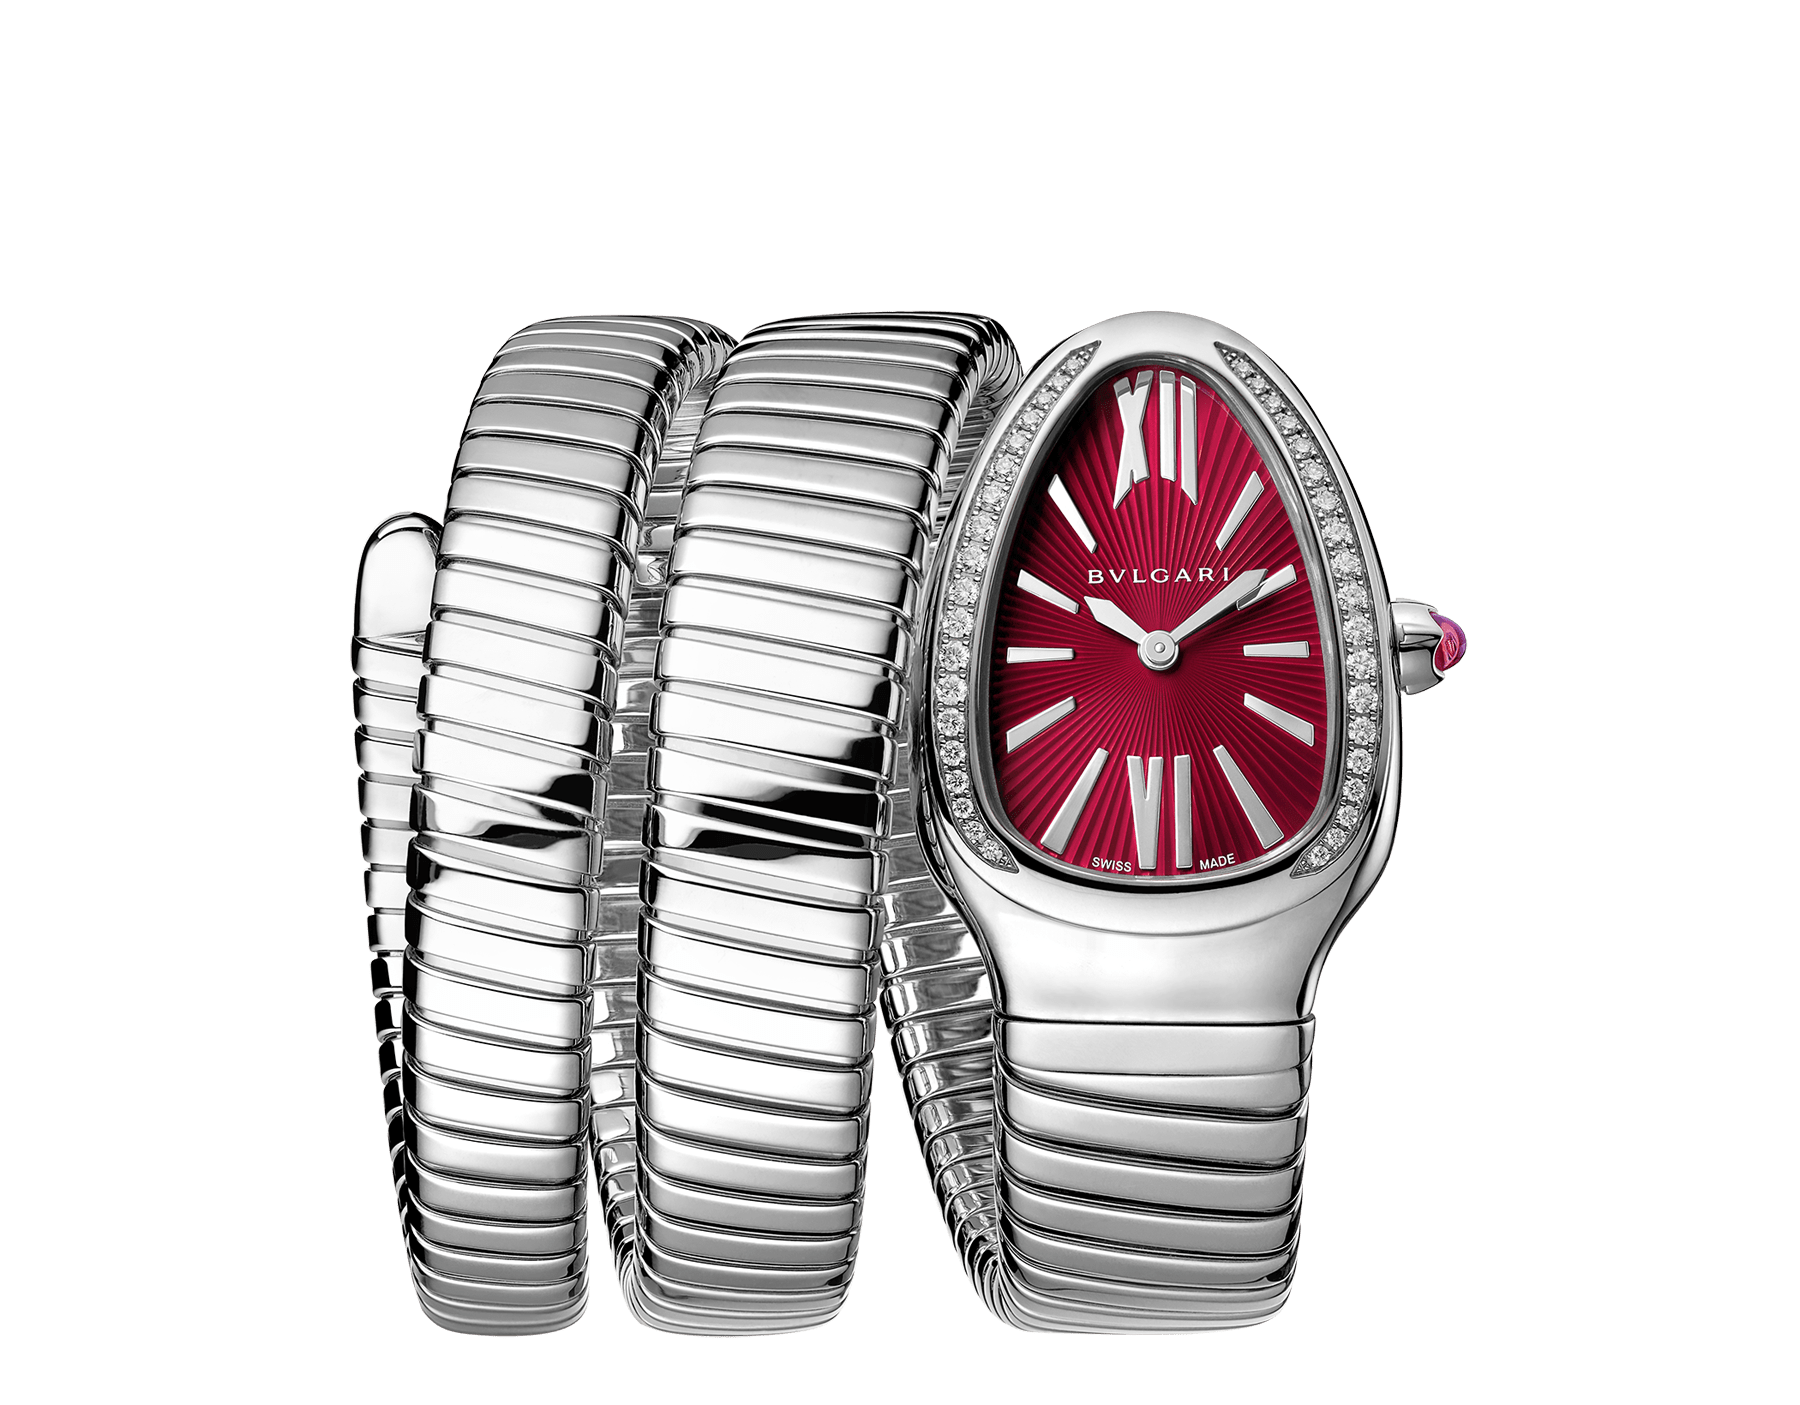 Orologio Serpenti Tubogas con cassa in acciaio inossidabile con diamanti taglio brillante, quadrante laccato rosso e bracciale a doppia spirale in acciaio inossidabile. 102682 image 1